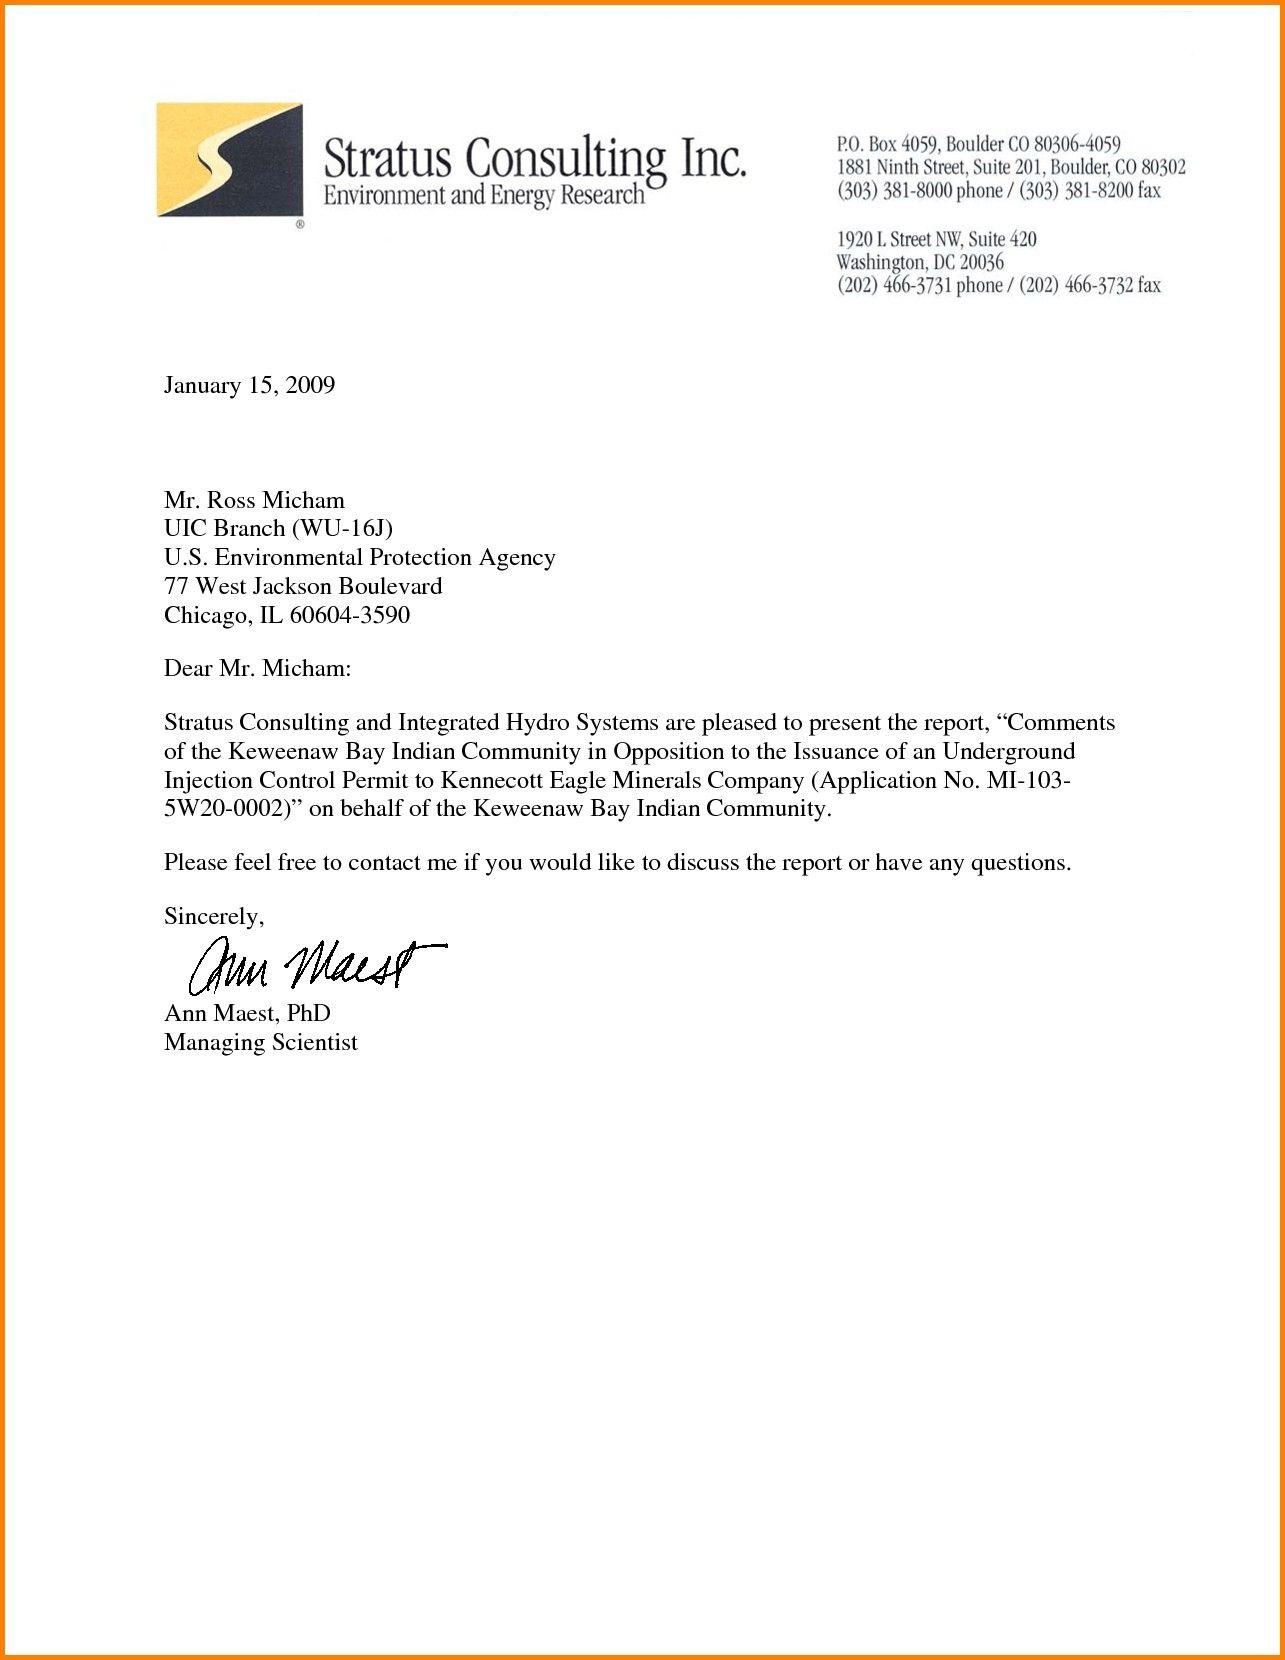 Business Letter Letterhead Business Letter Template Letterhead